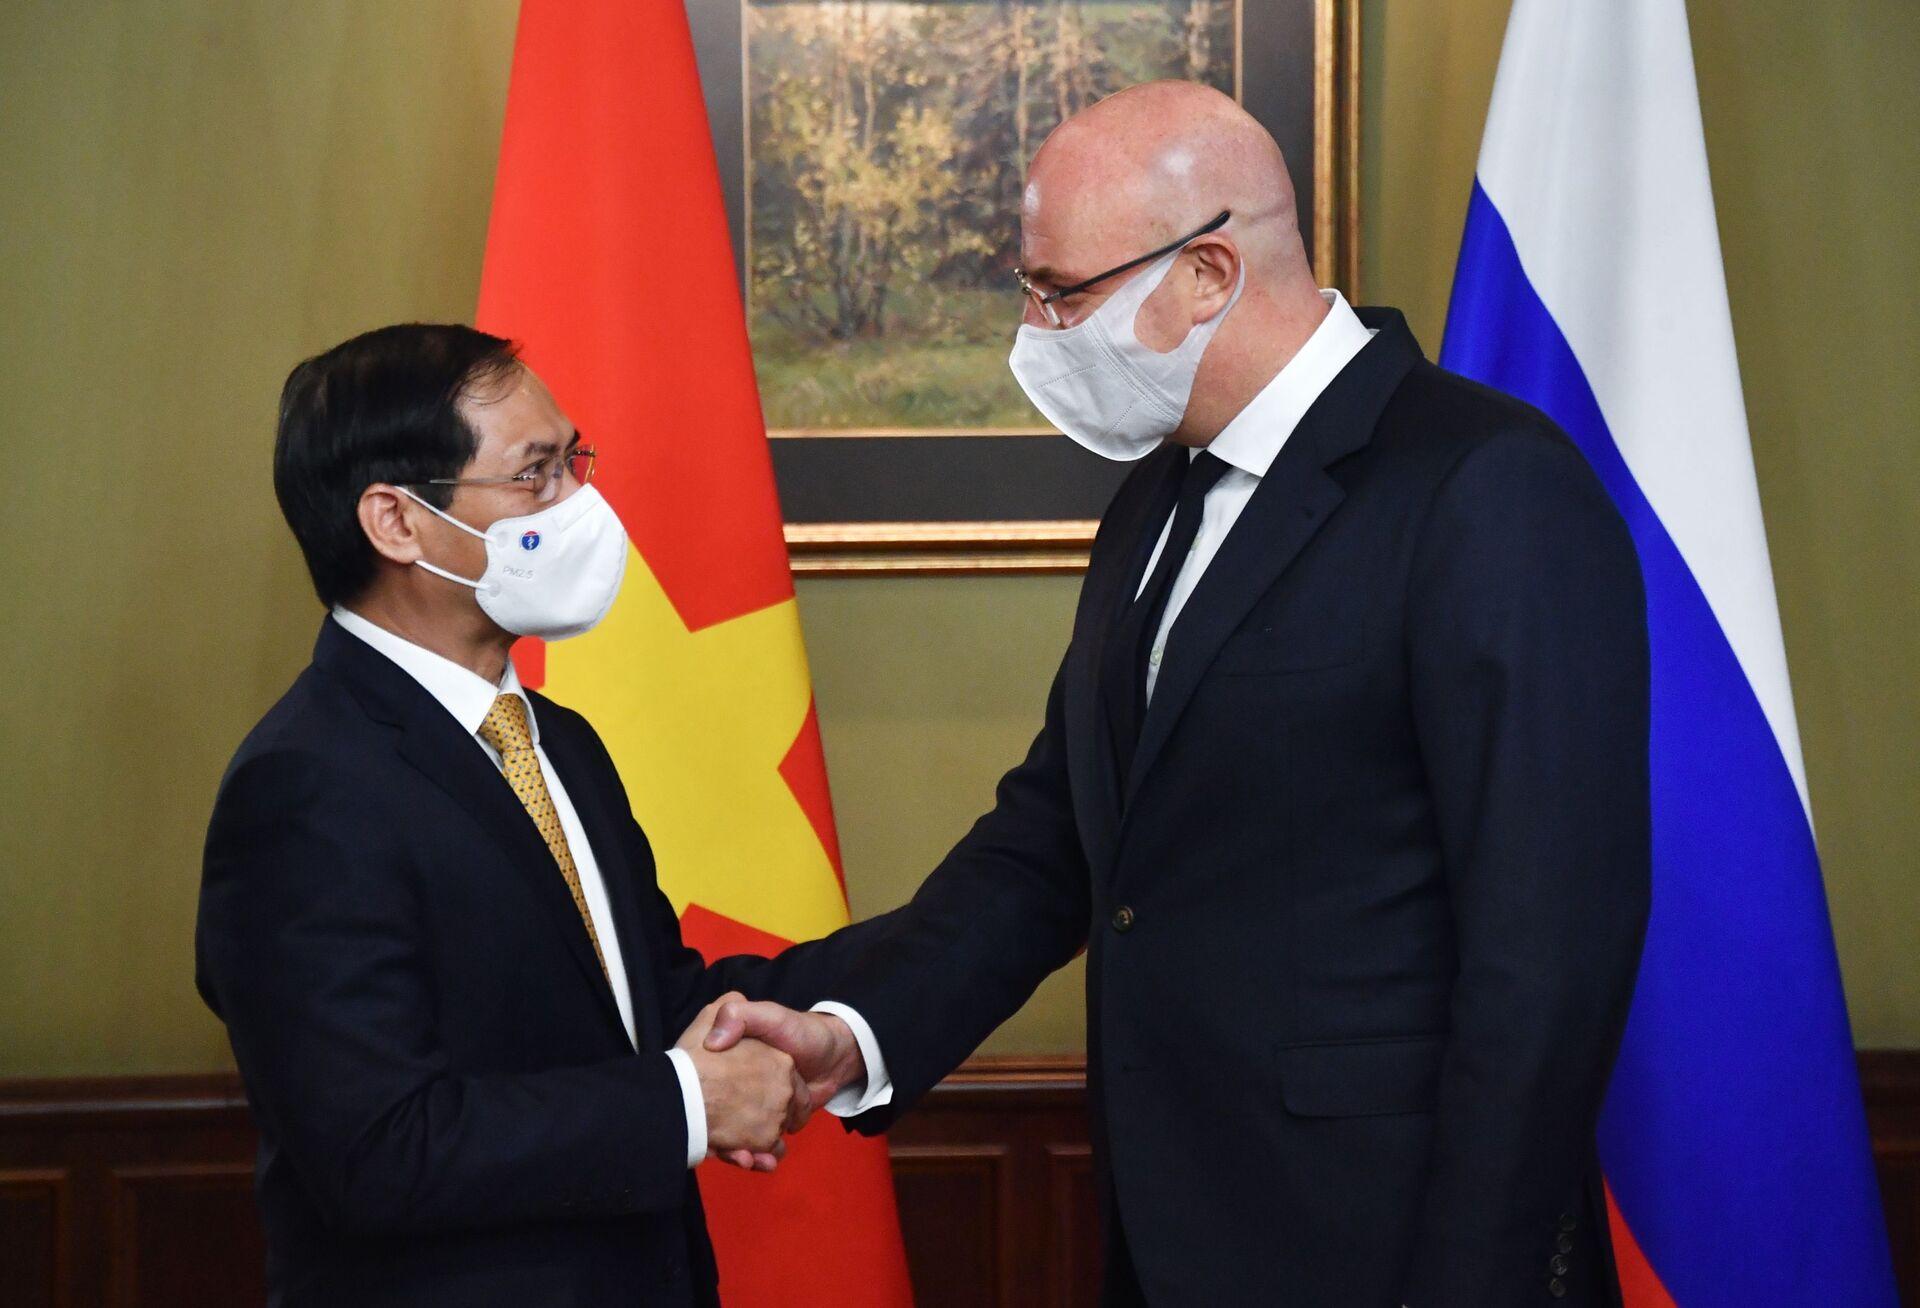 Cuộc gặp của Phó Thủ tướng D. Chernyshenko và Bộ trưởng Ngoại giao Việt Nam Bùi Thanh Sơn - Sputnik Việt Nam, 1920, 05.10.2021